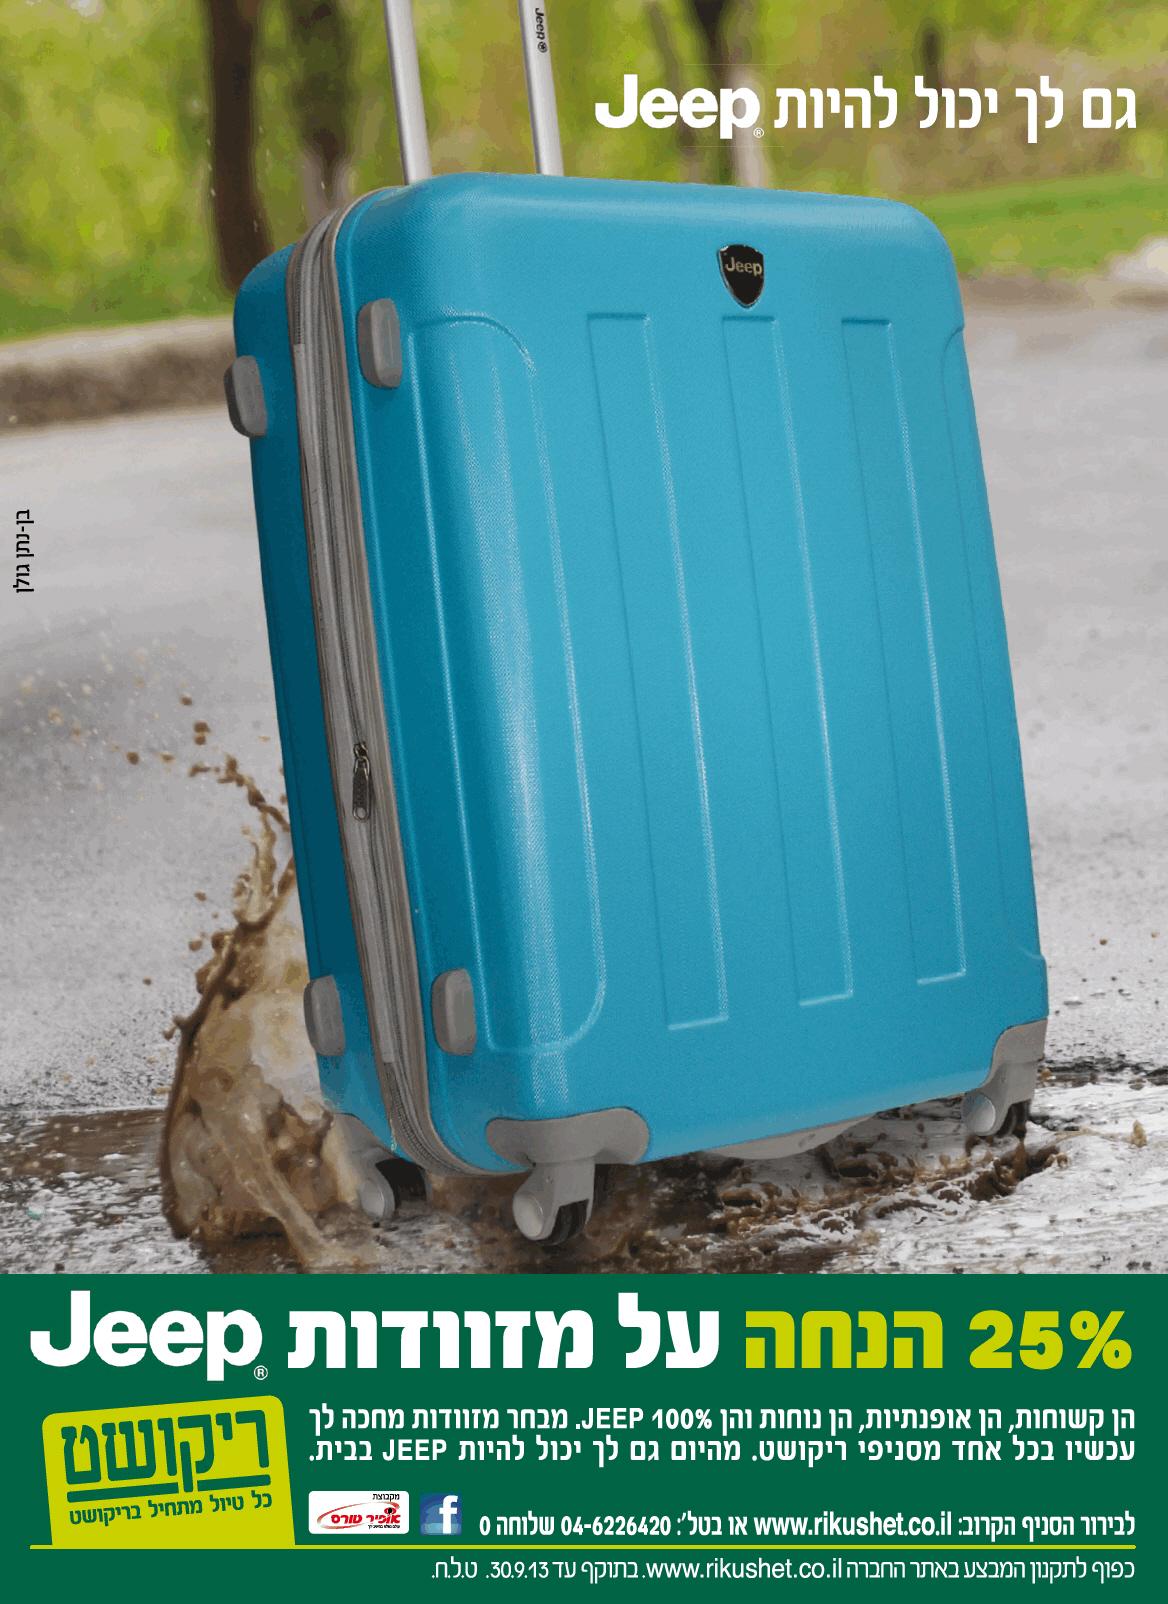 פרינט: גם לך יכול להיות Jeep